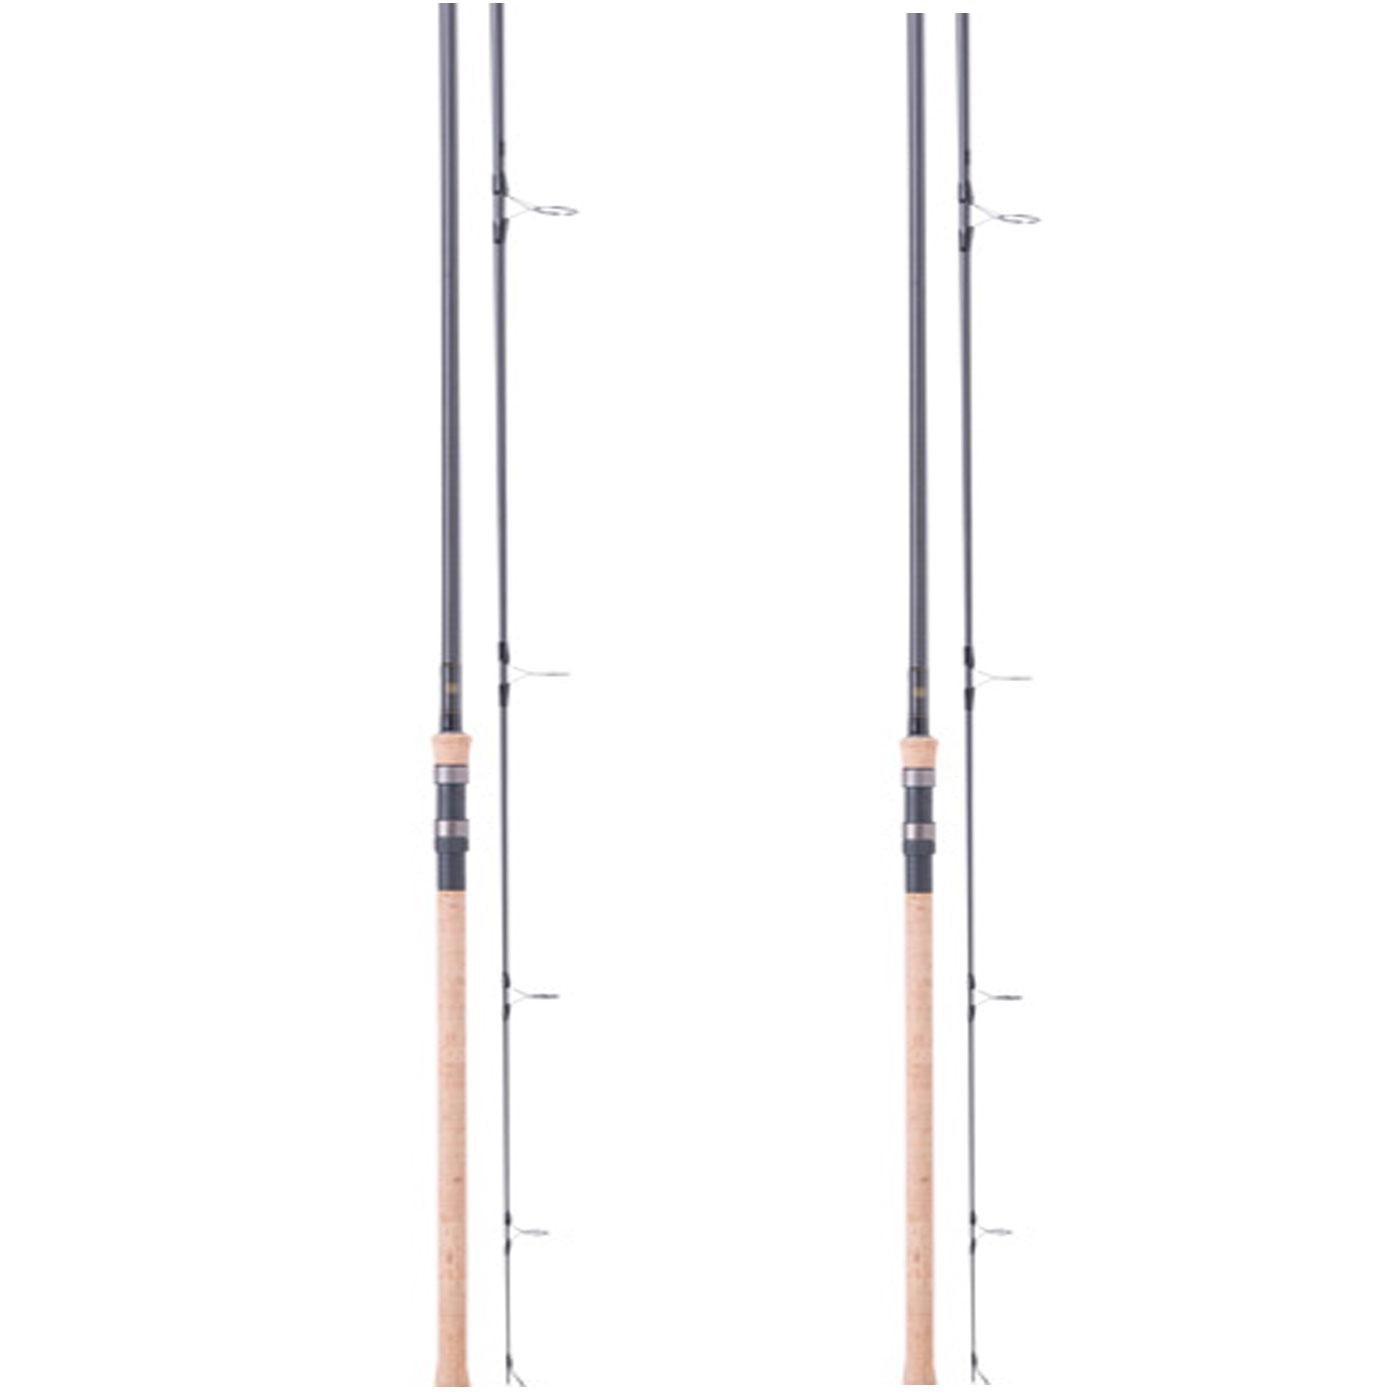 Wychwood Extremis FC 12ft 3.5lb T.C Cork Handle Carp Rod -Set of 2-